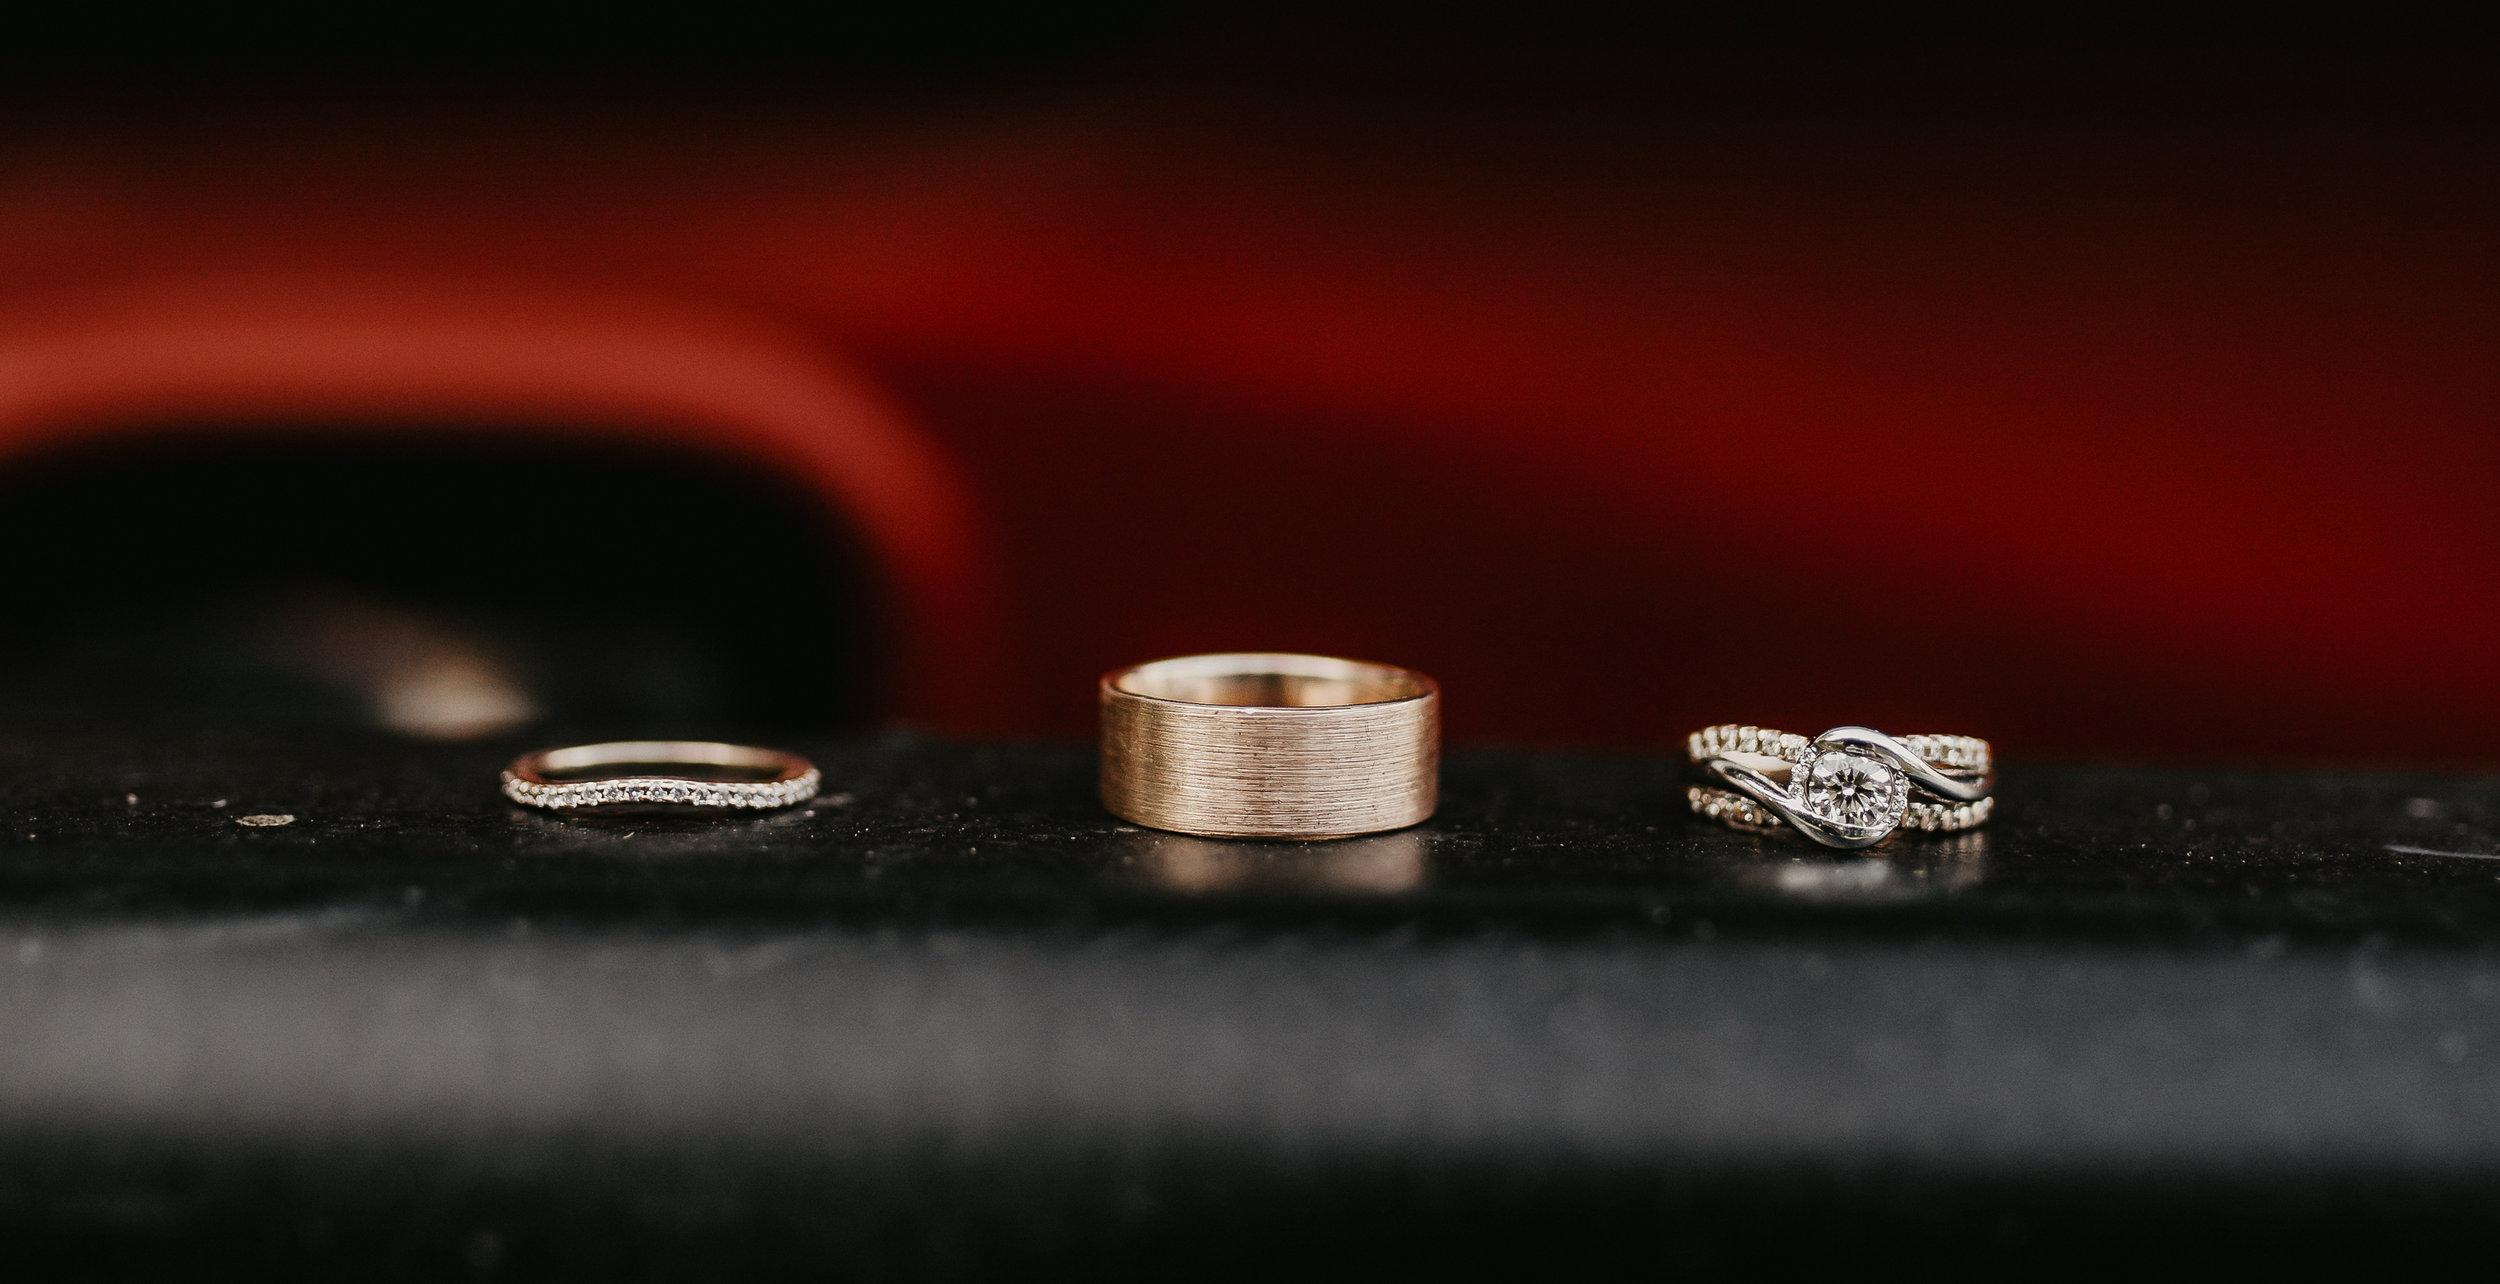 Gold wedding rings set